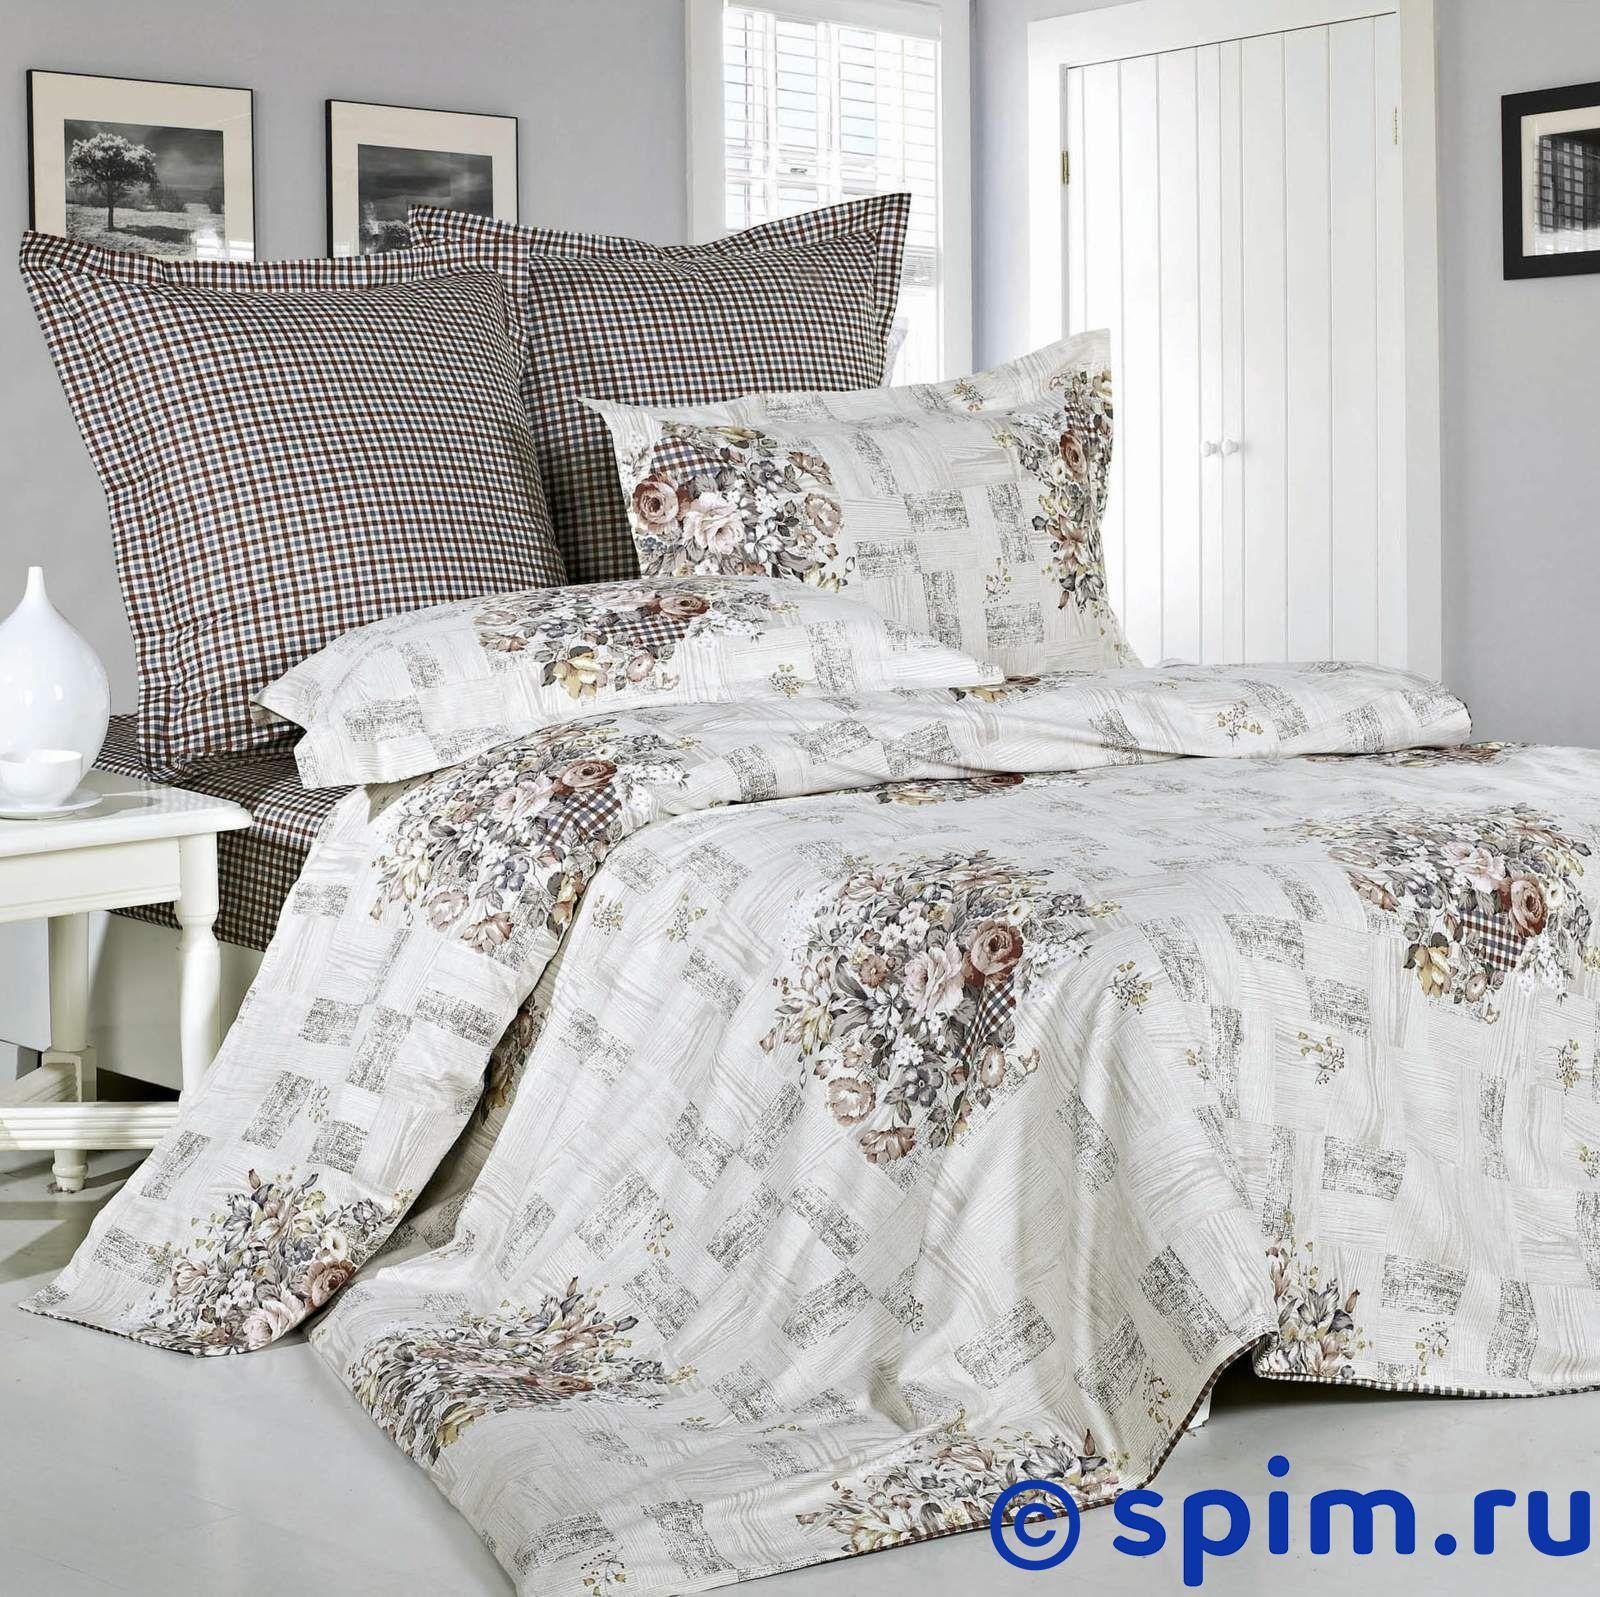 Комплект СайлиД В125 2 спальноеСатиновое постельное белье СайлиД<br>Материал: 100% хлопок (печатный сатин). Плотность, г/м2: 130. Размер Sailid Б: 2 спальное<br><br>Размер: 2 спальное